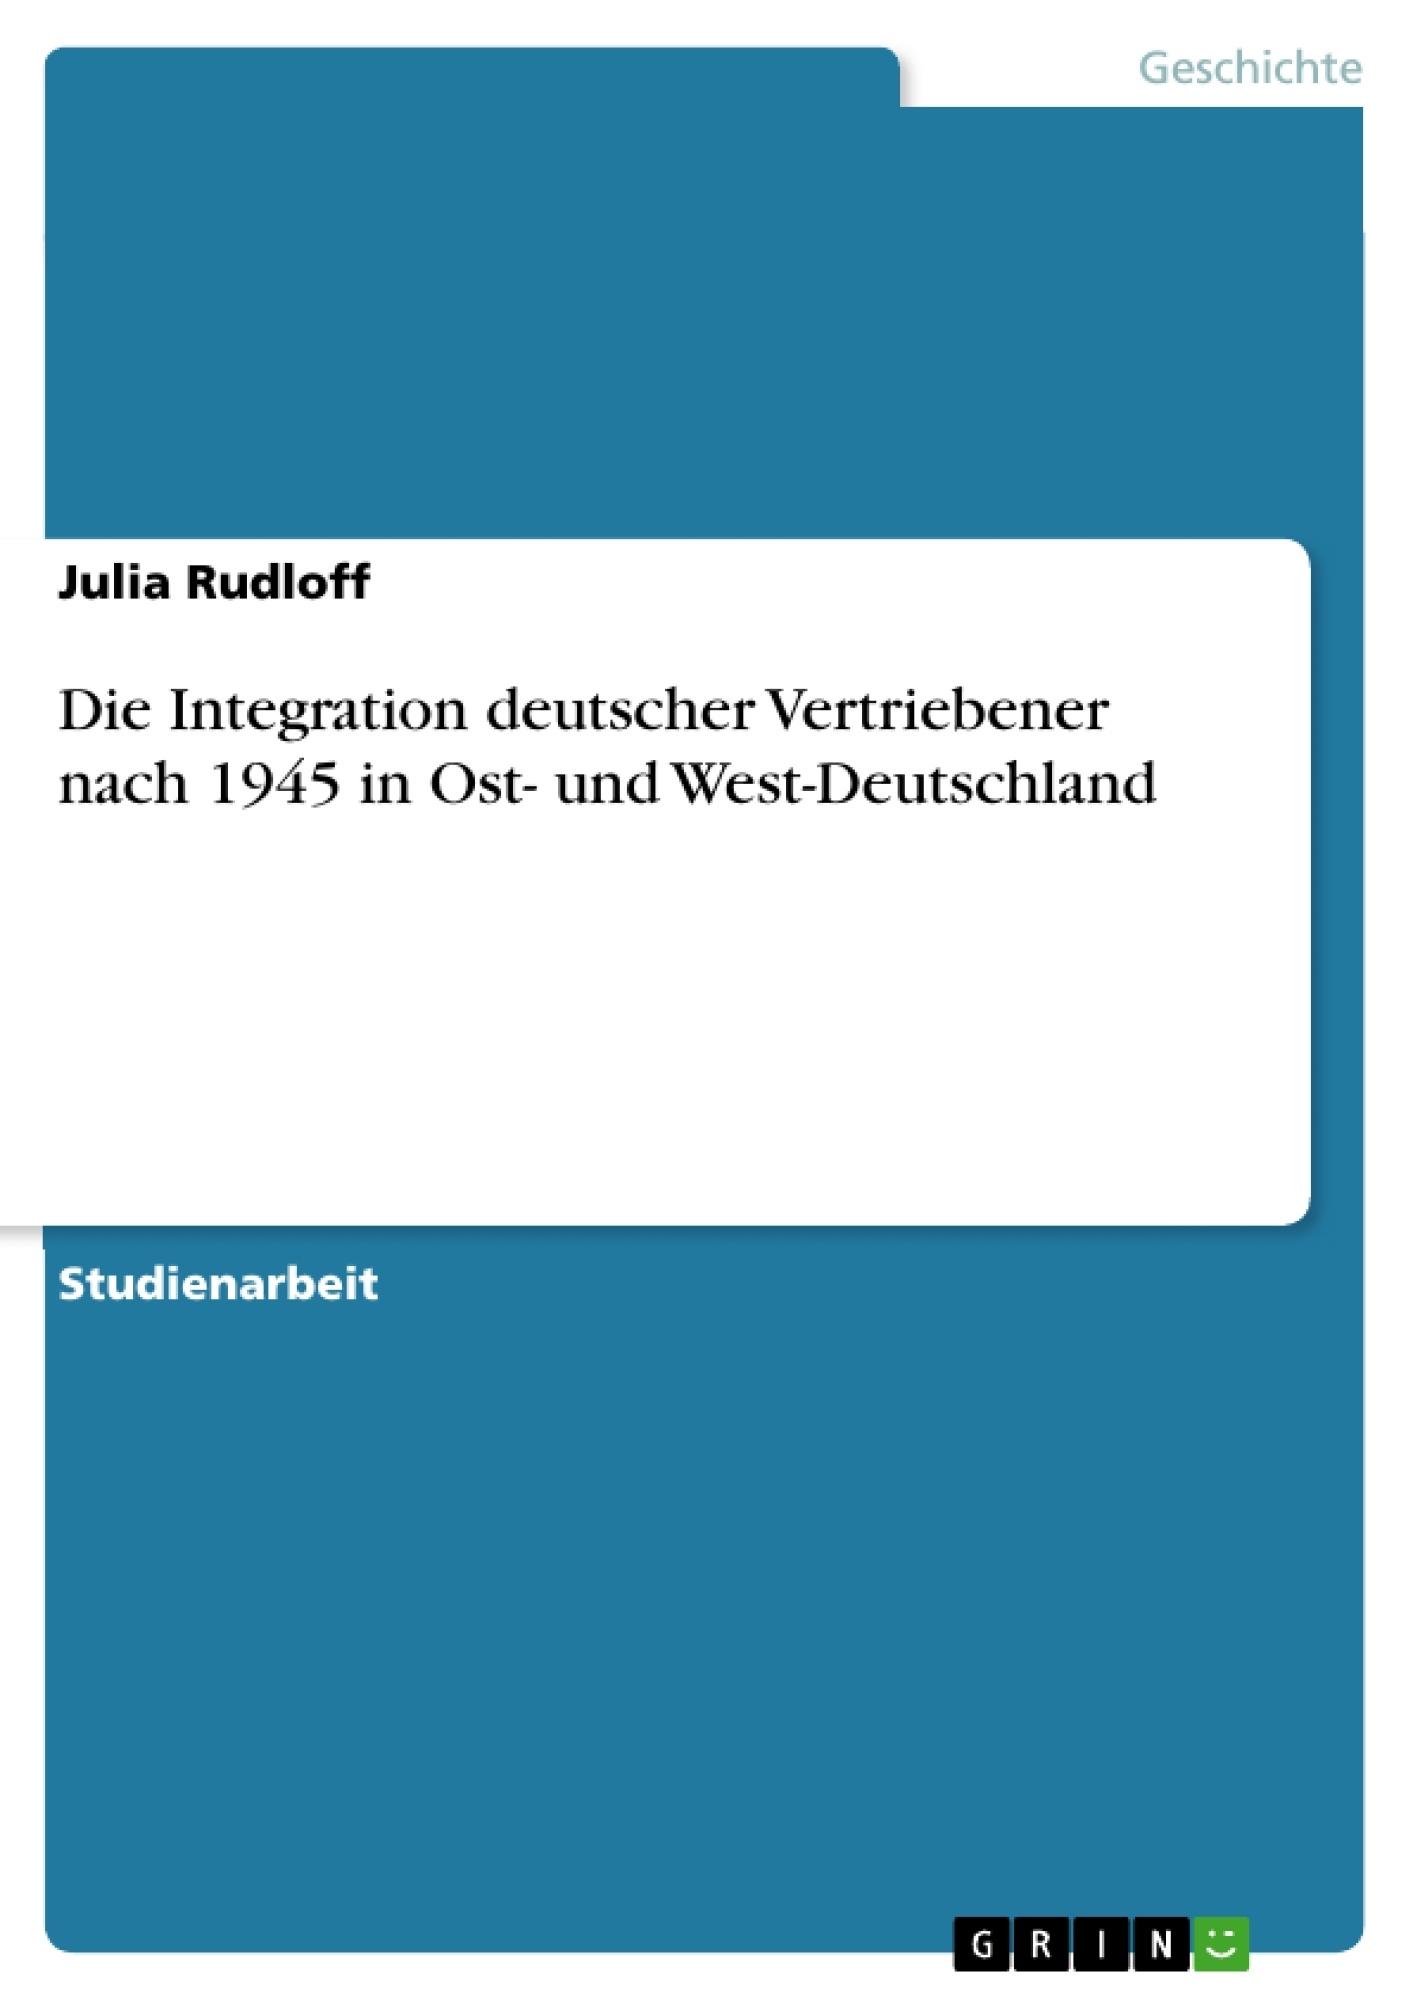 Titel: Die Integration deutscher Vertriebener nach 1945 in Ost- und West-Deutschland